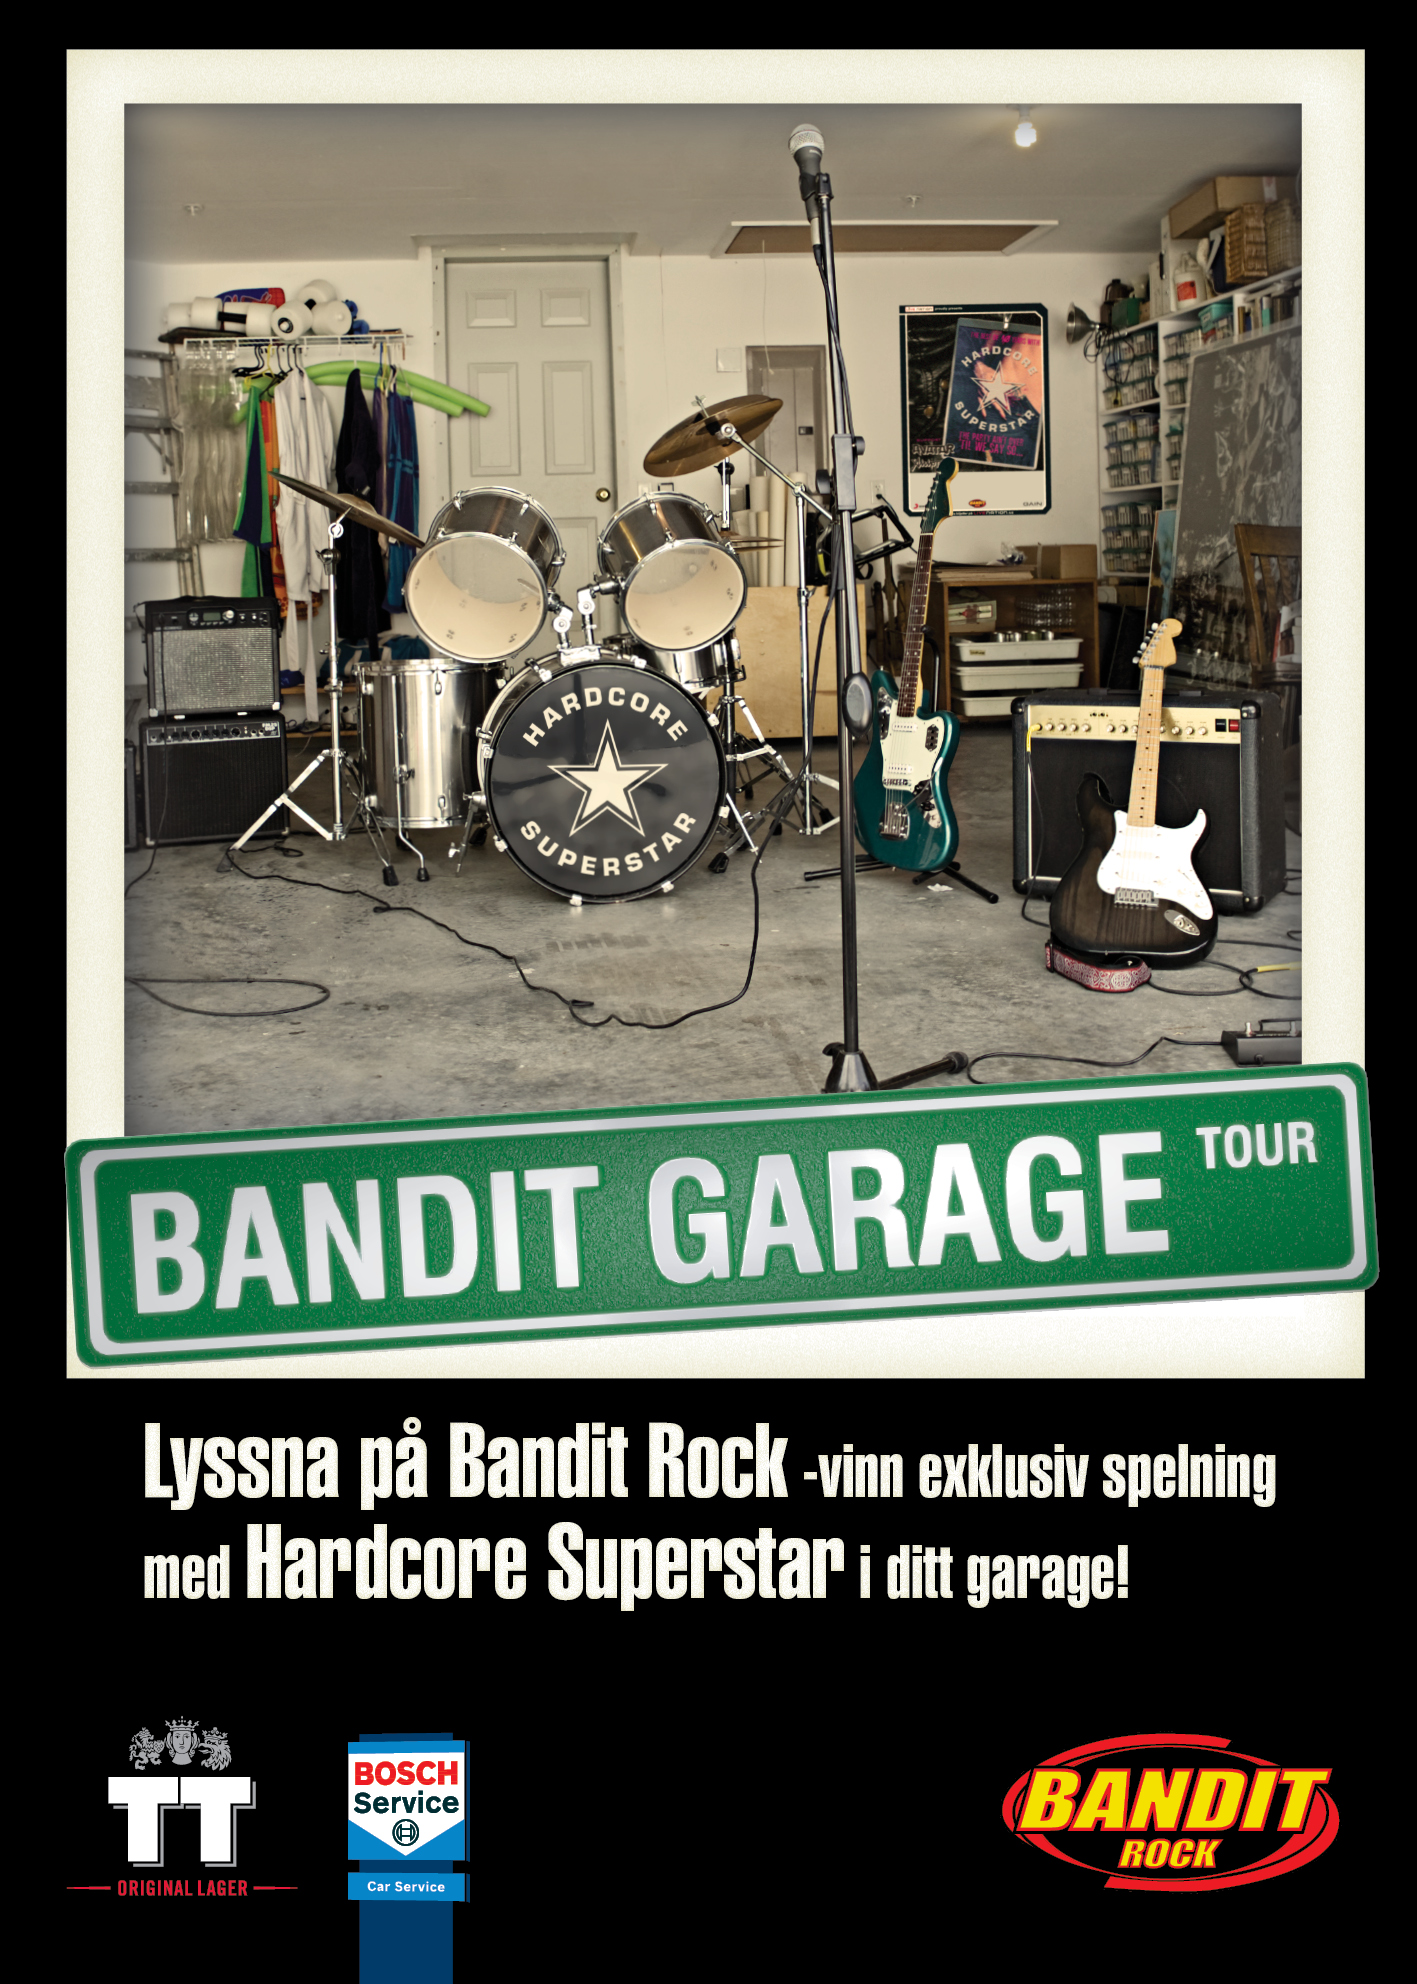 Bandit Garage Tour